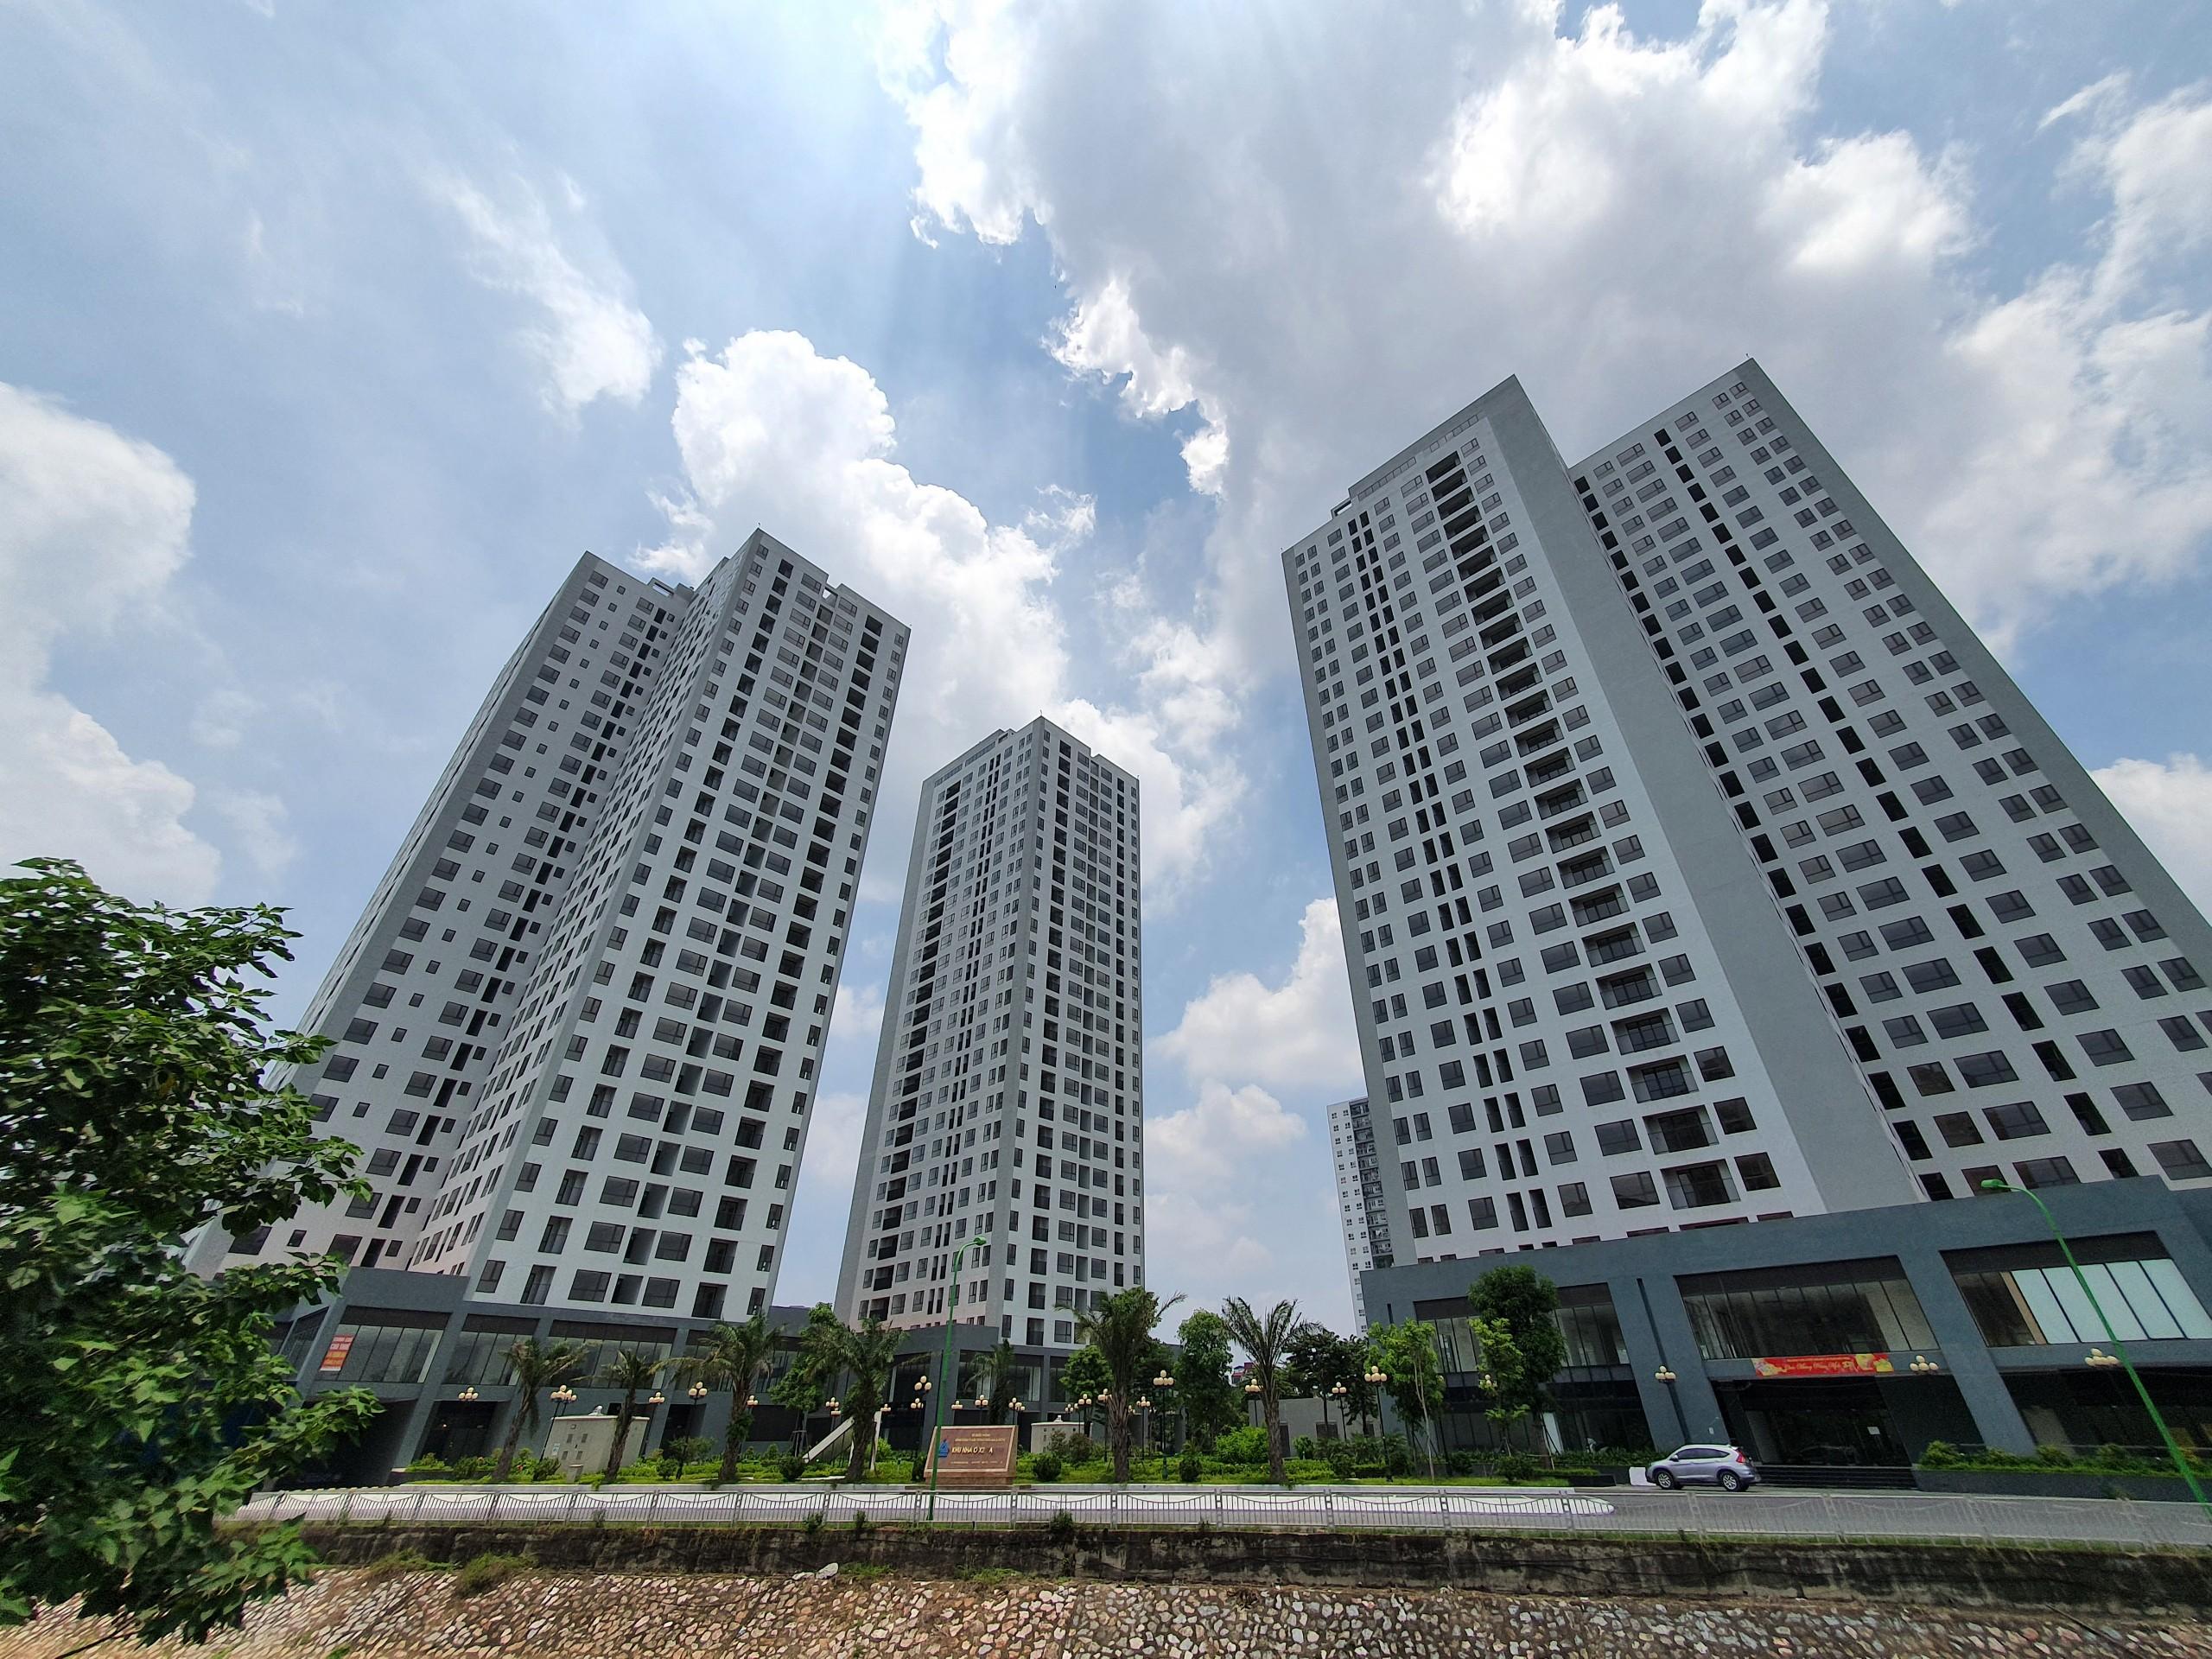 Dự án quy mô 3 tòa nhà cao 28 tầng, 3 tầng hầm, 3 tầng thương mại.